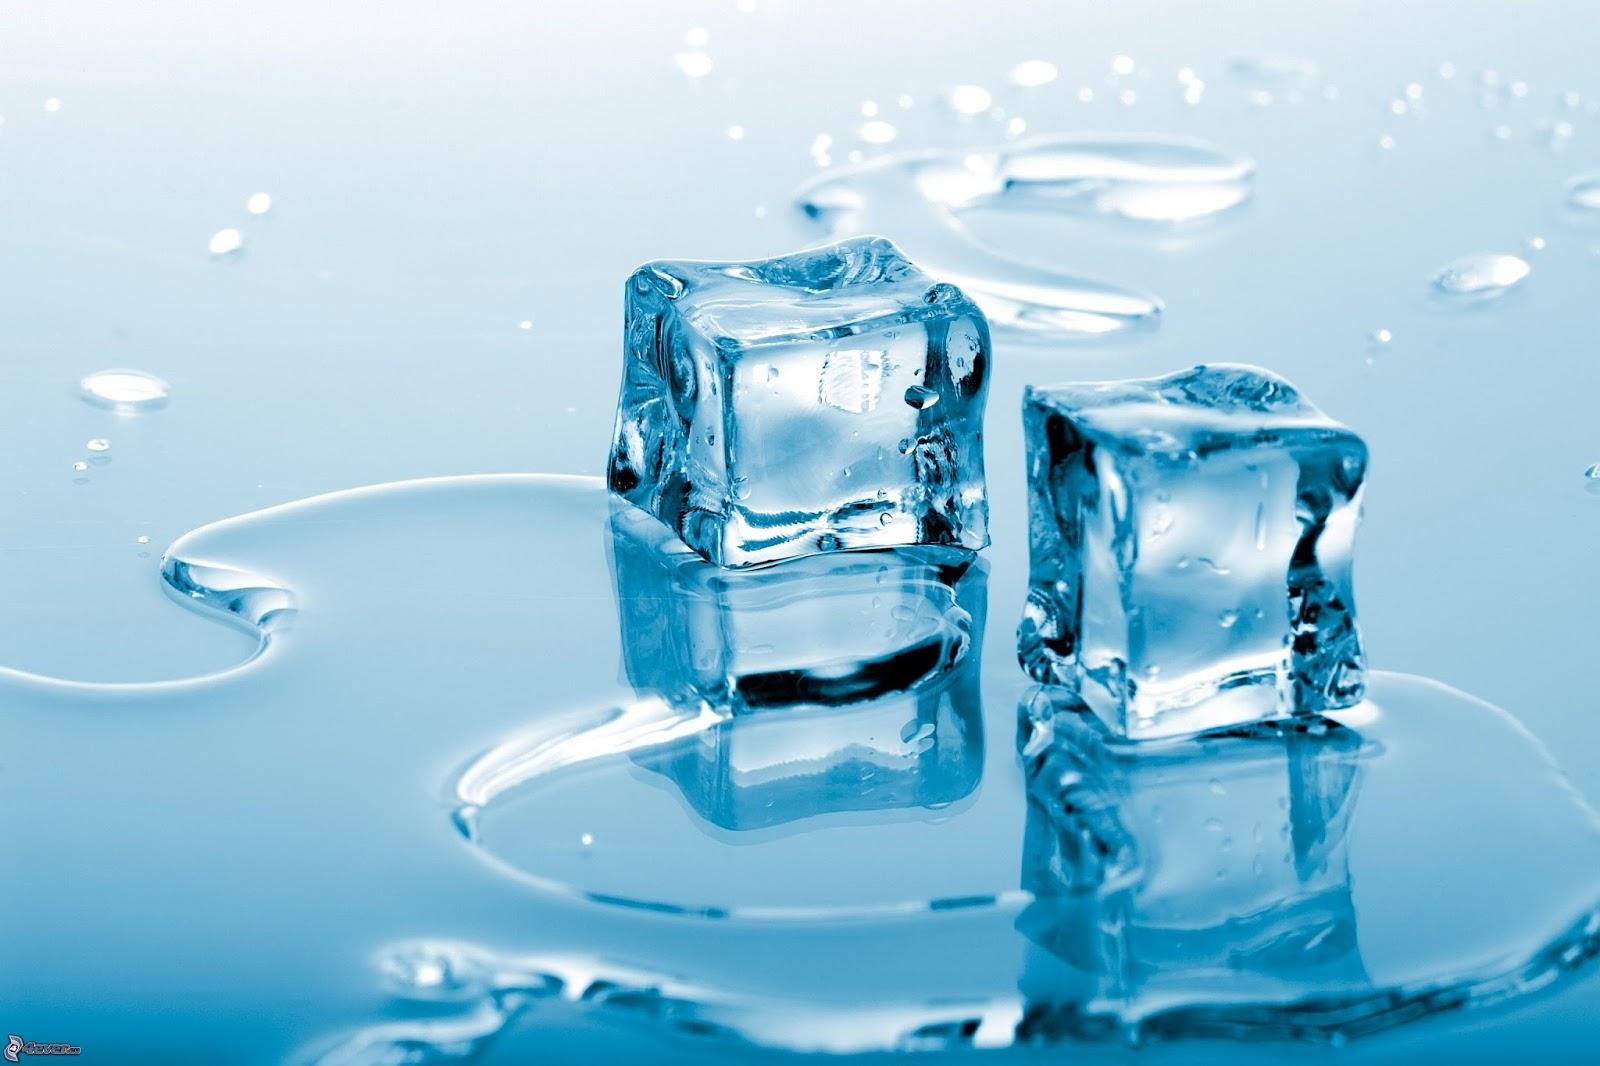 Descongelando Nossos Dons Espirituais